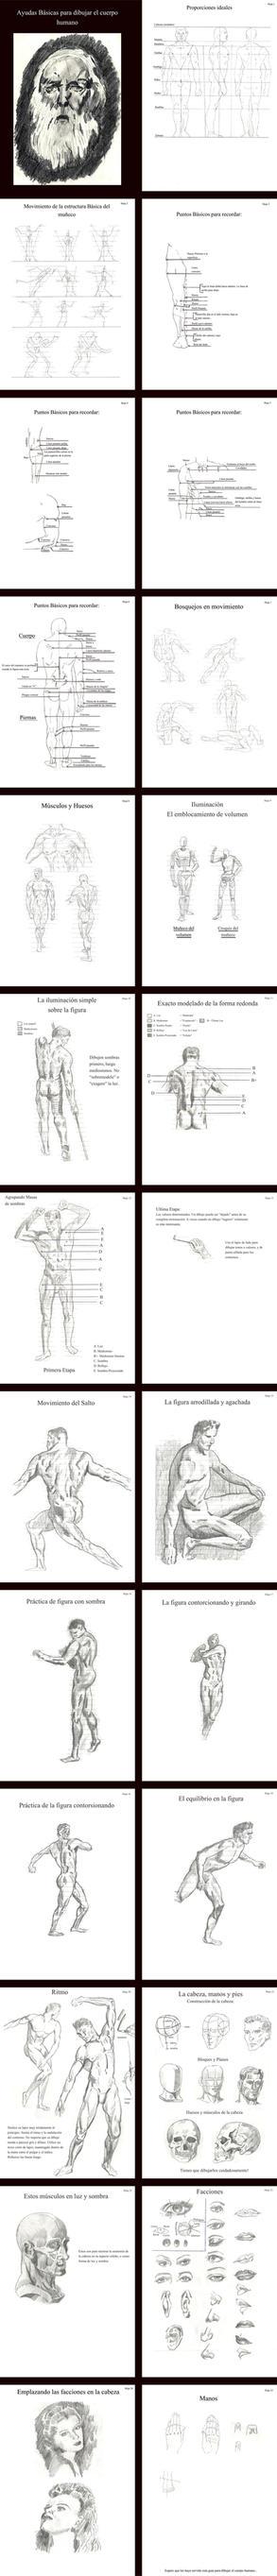 Body Tutorial by GABRIELBIGBOSS